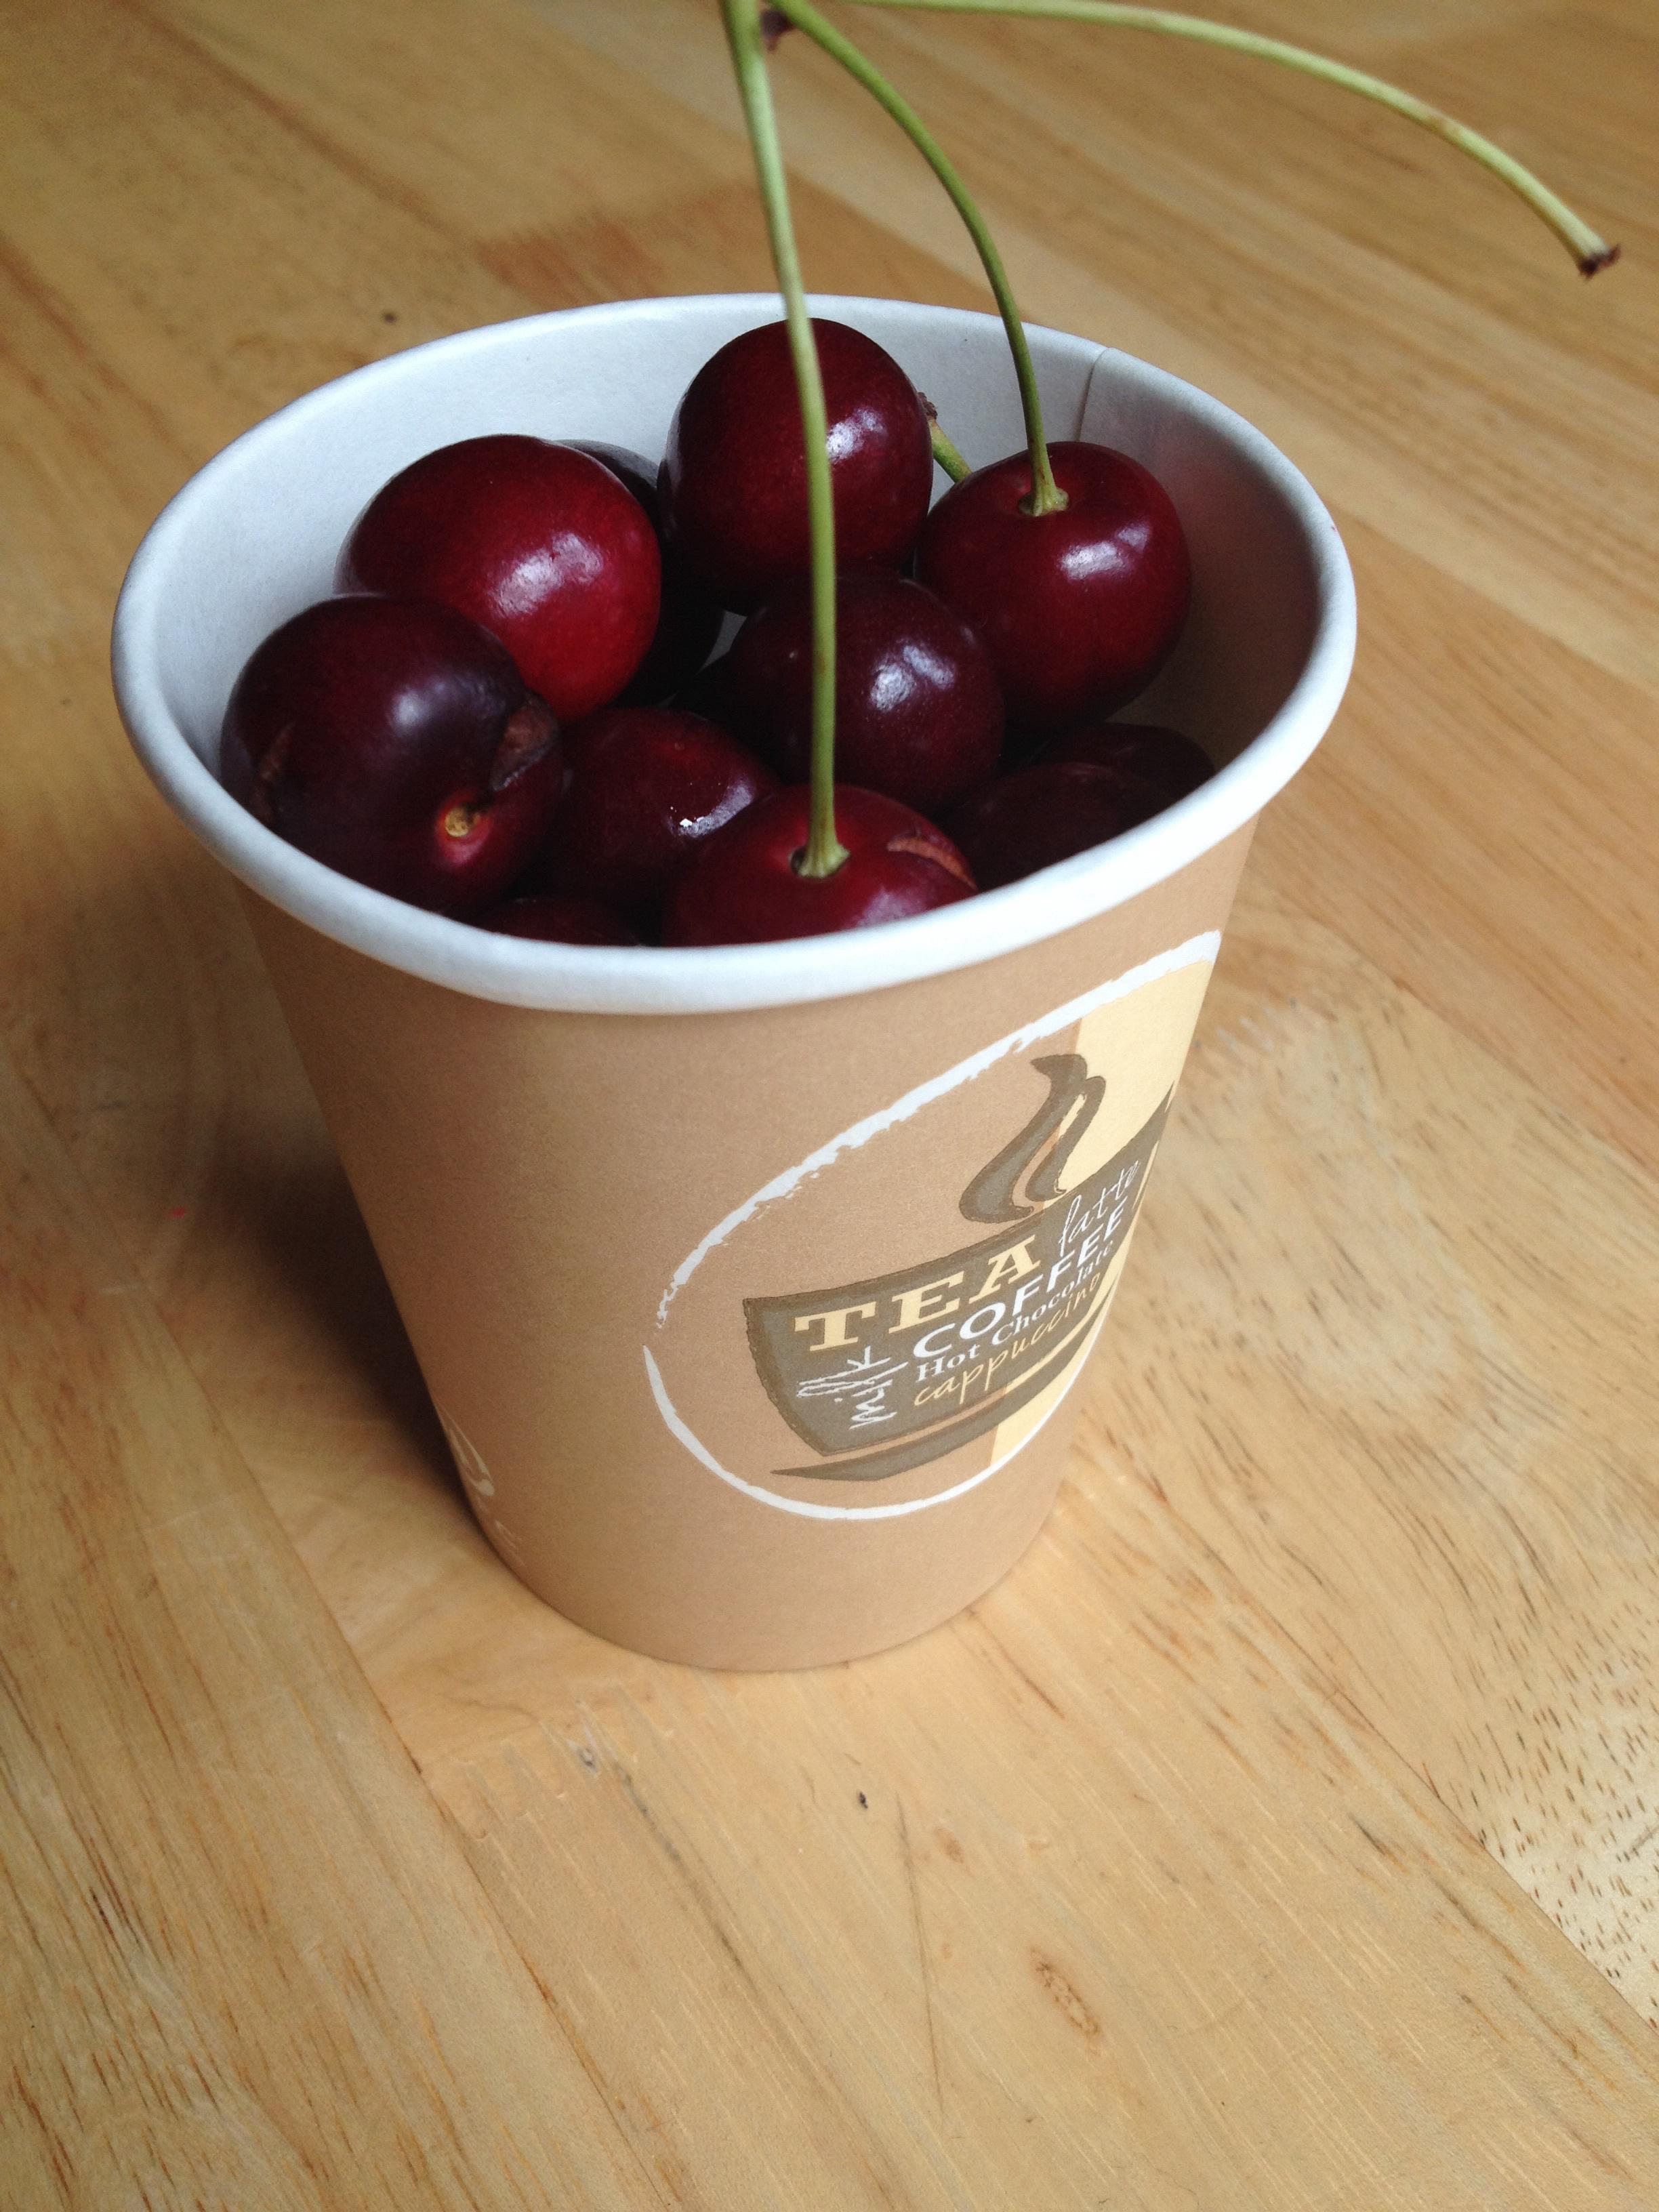 Cherries from tree